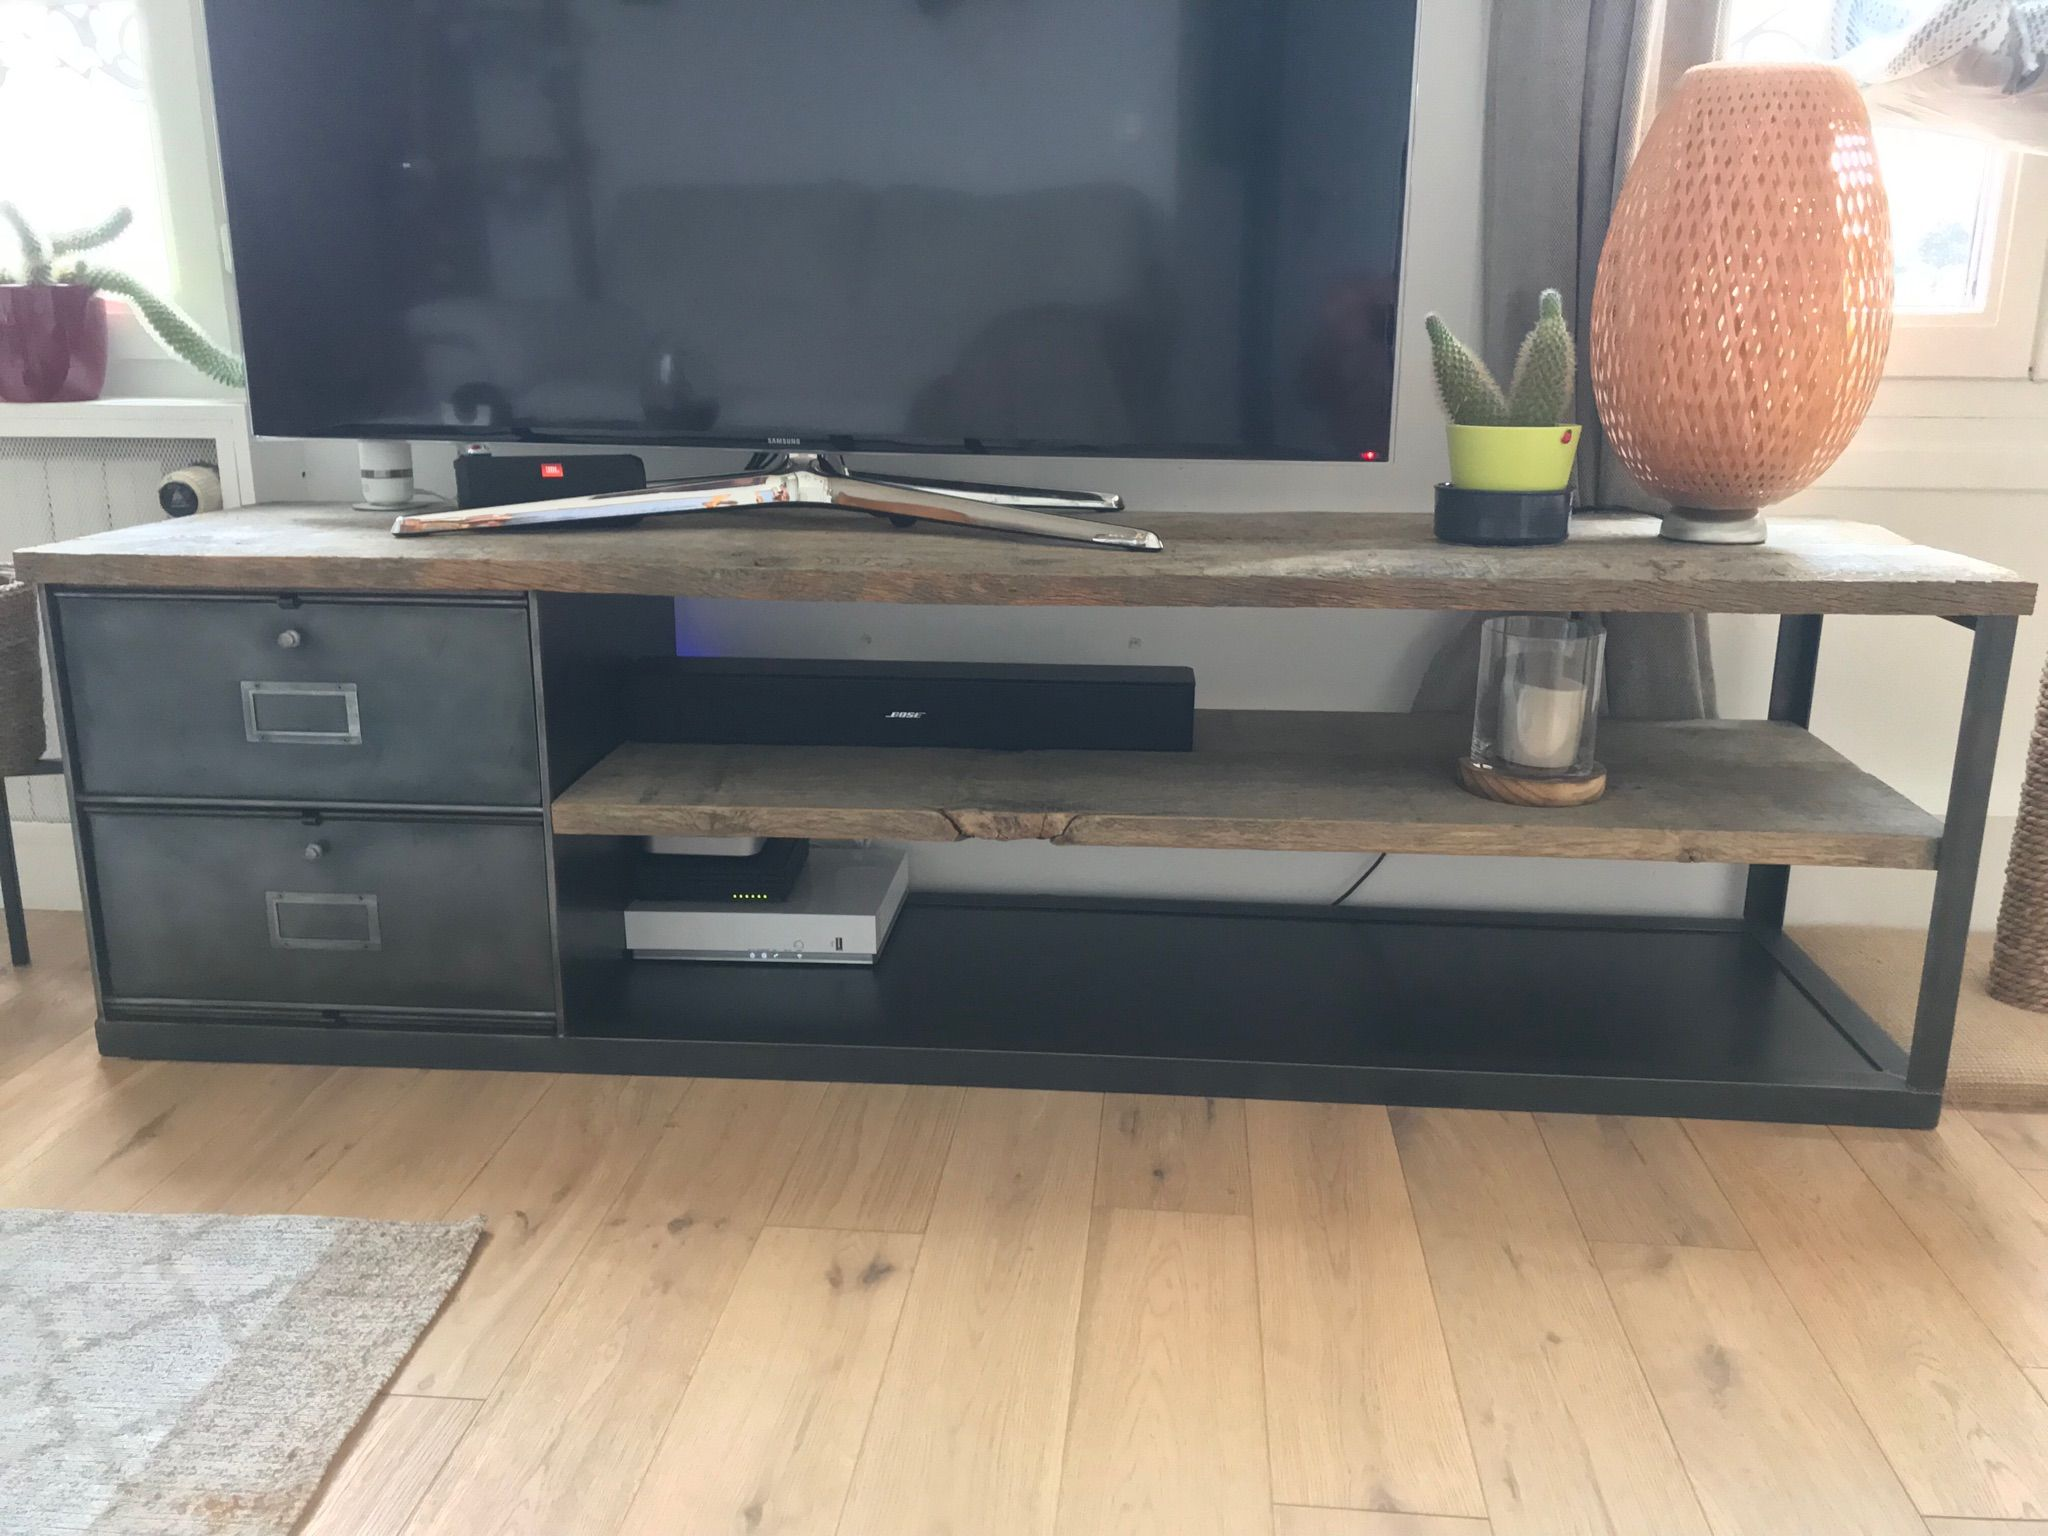 Banc Meuble Tv Etagere Bois Brut Et Clapet Industriel L Or Du Temps Ldt Mobilier De Salon Meuble Tv Meuble Tv Industriel